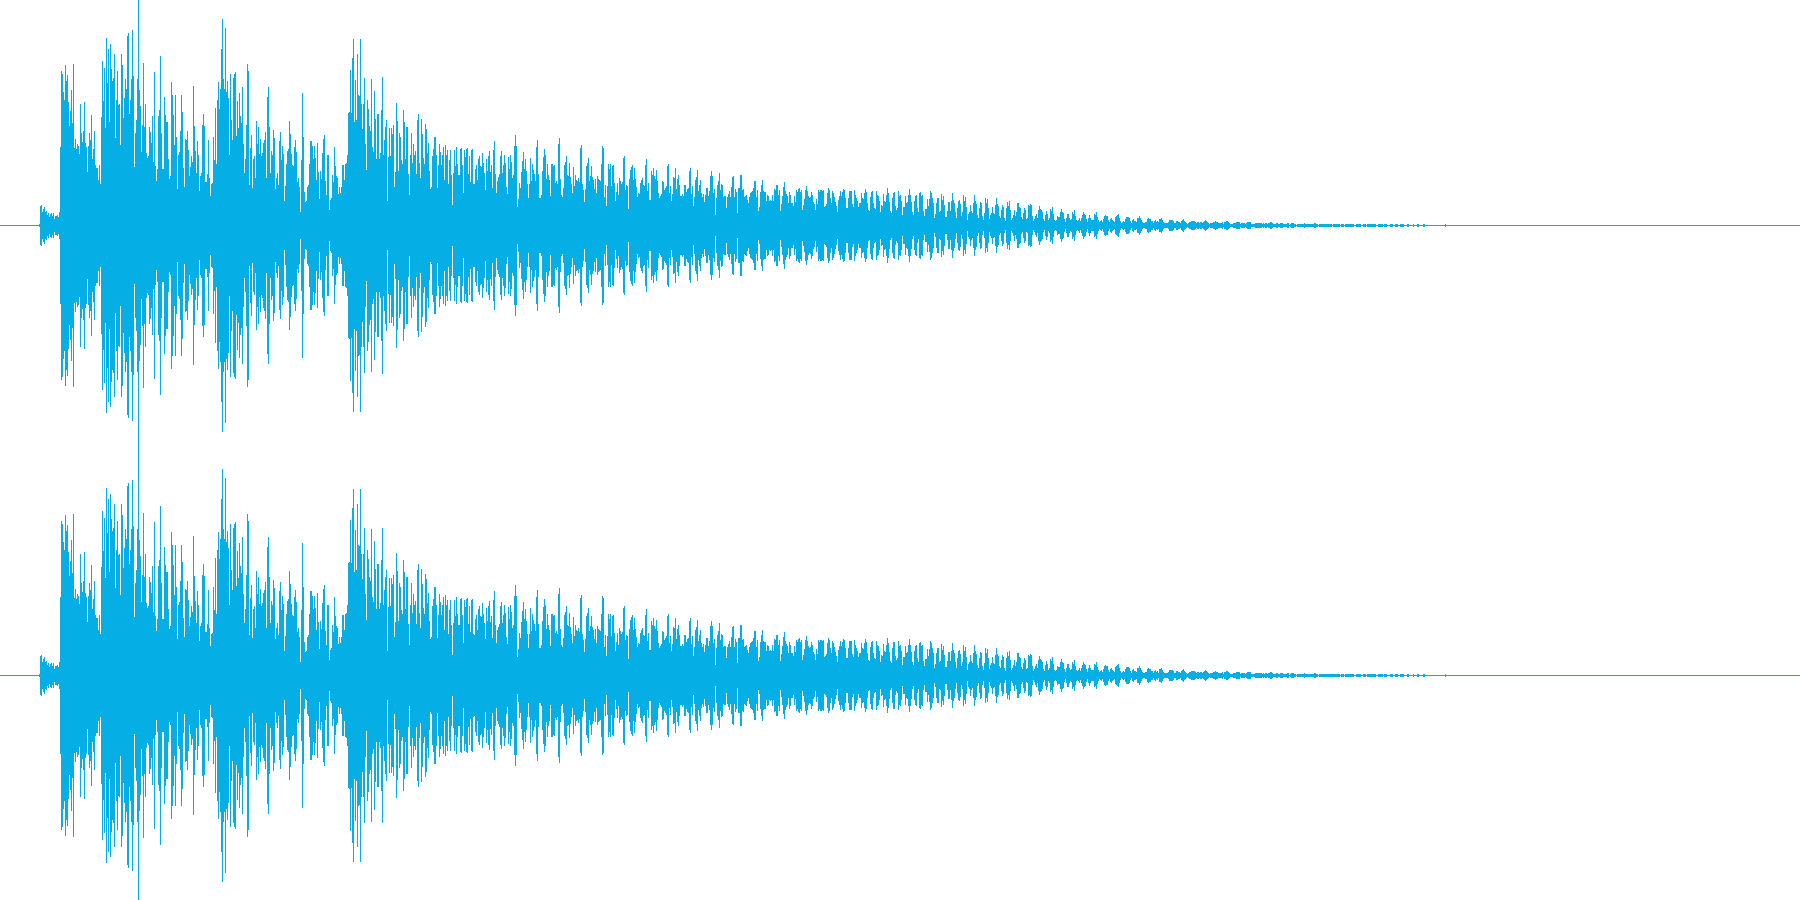 沖縄風エラー音1の再生済みの波形